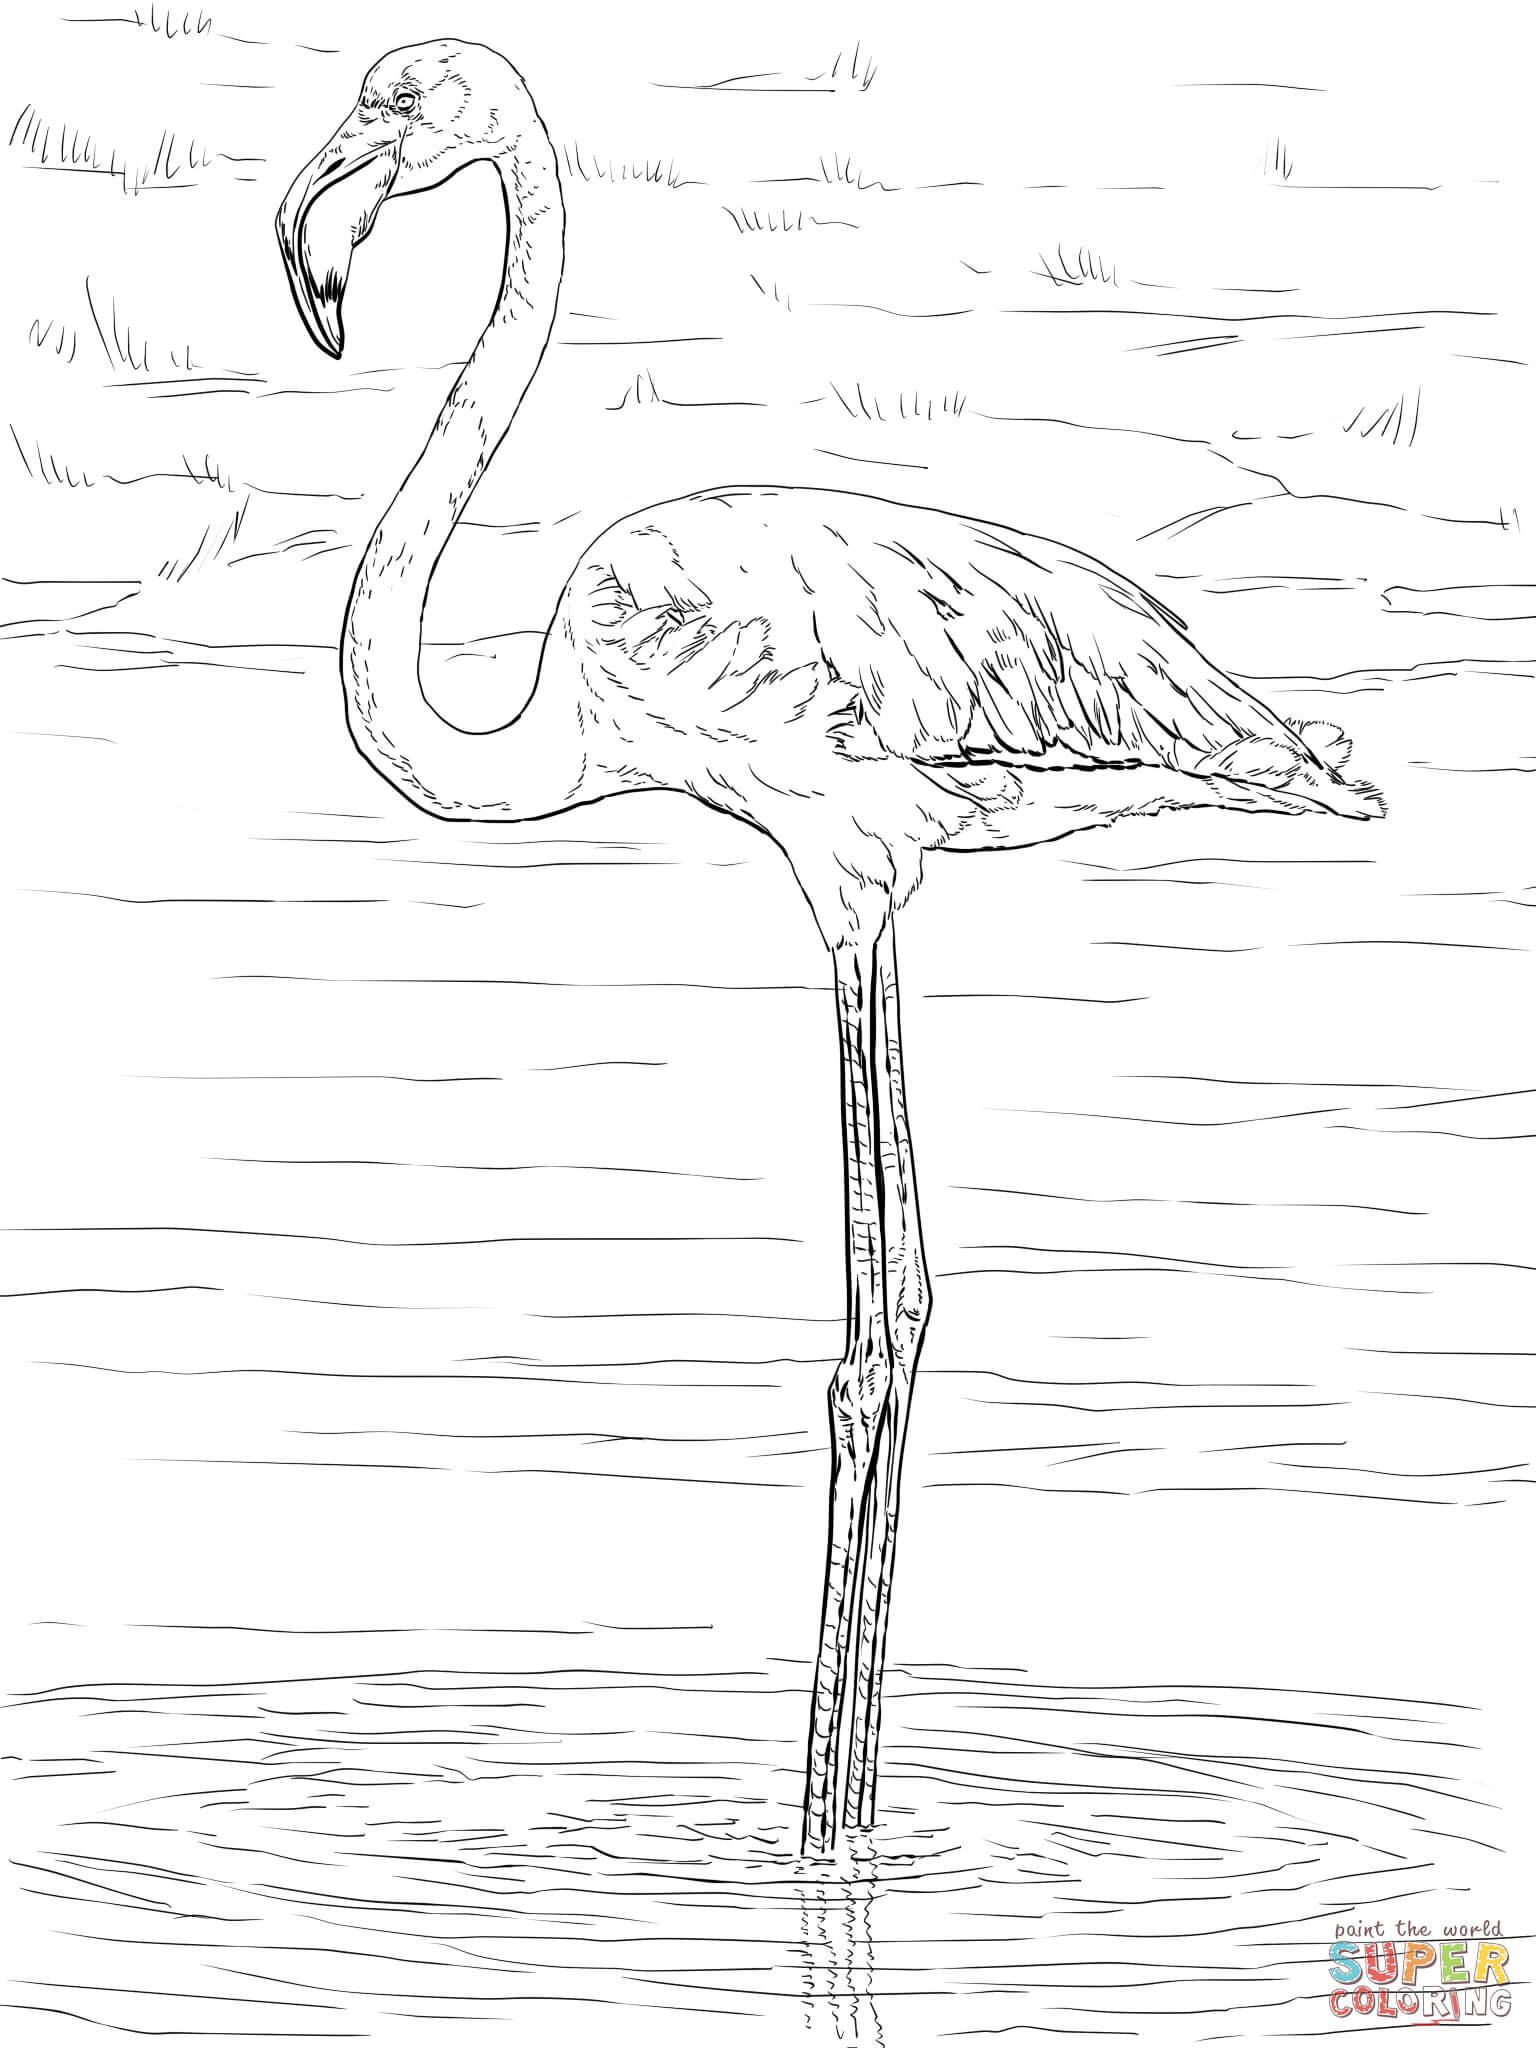 Chilean Flamingo coloring #16, Download drawings